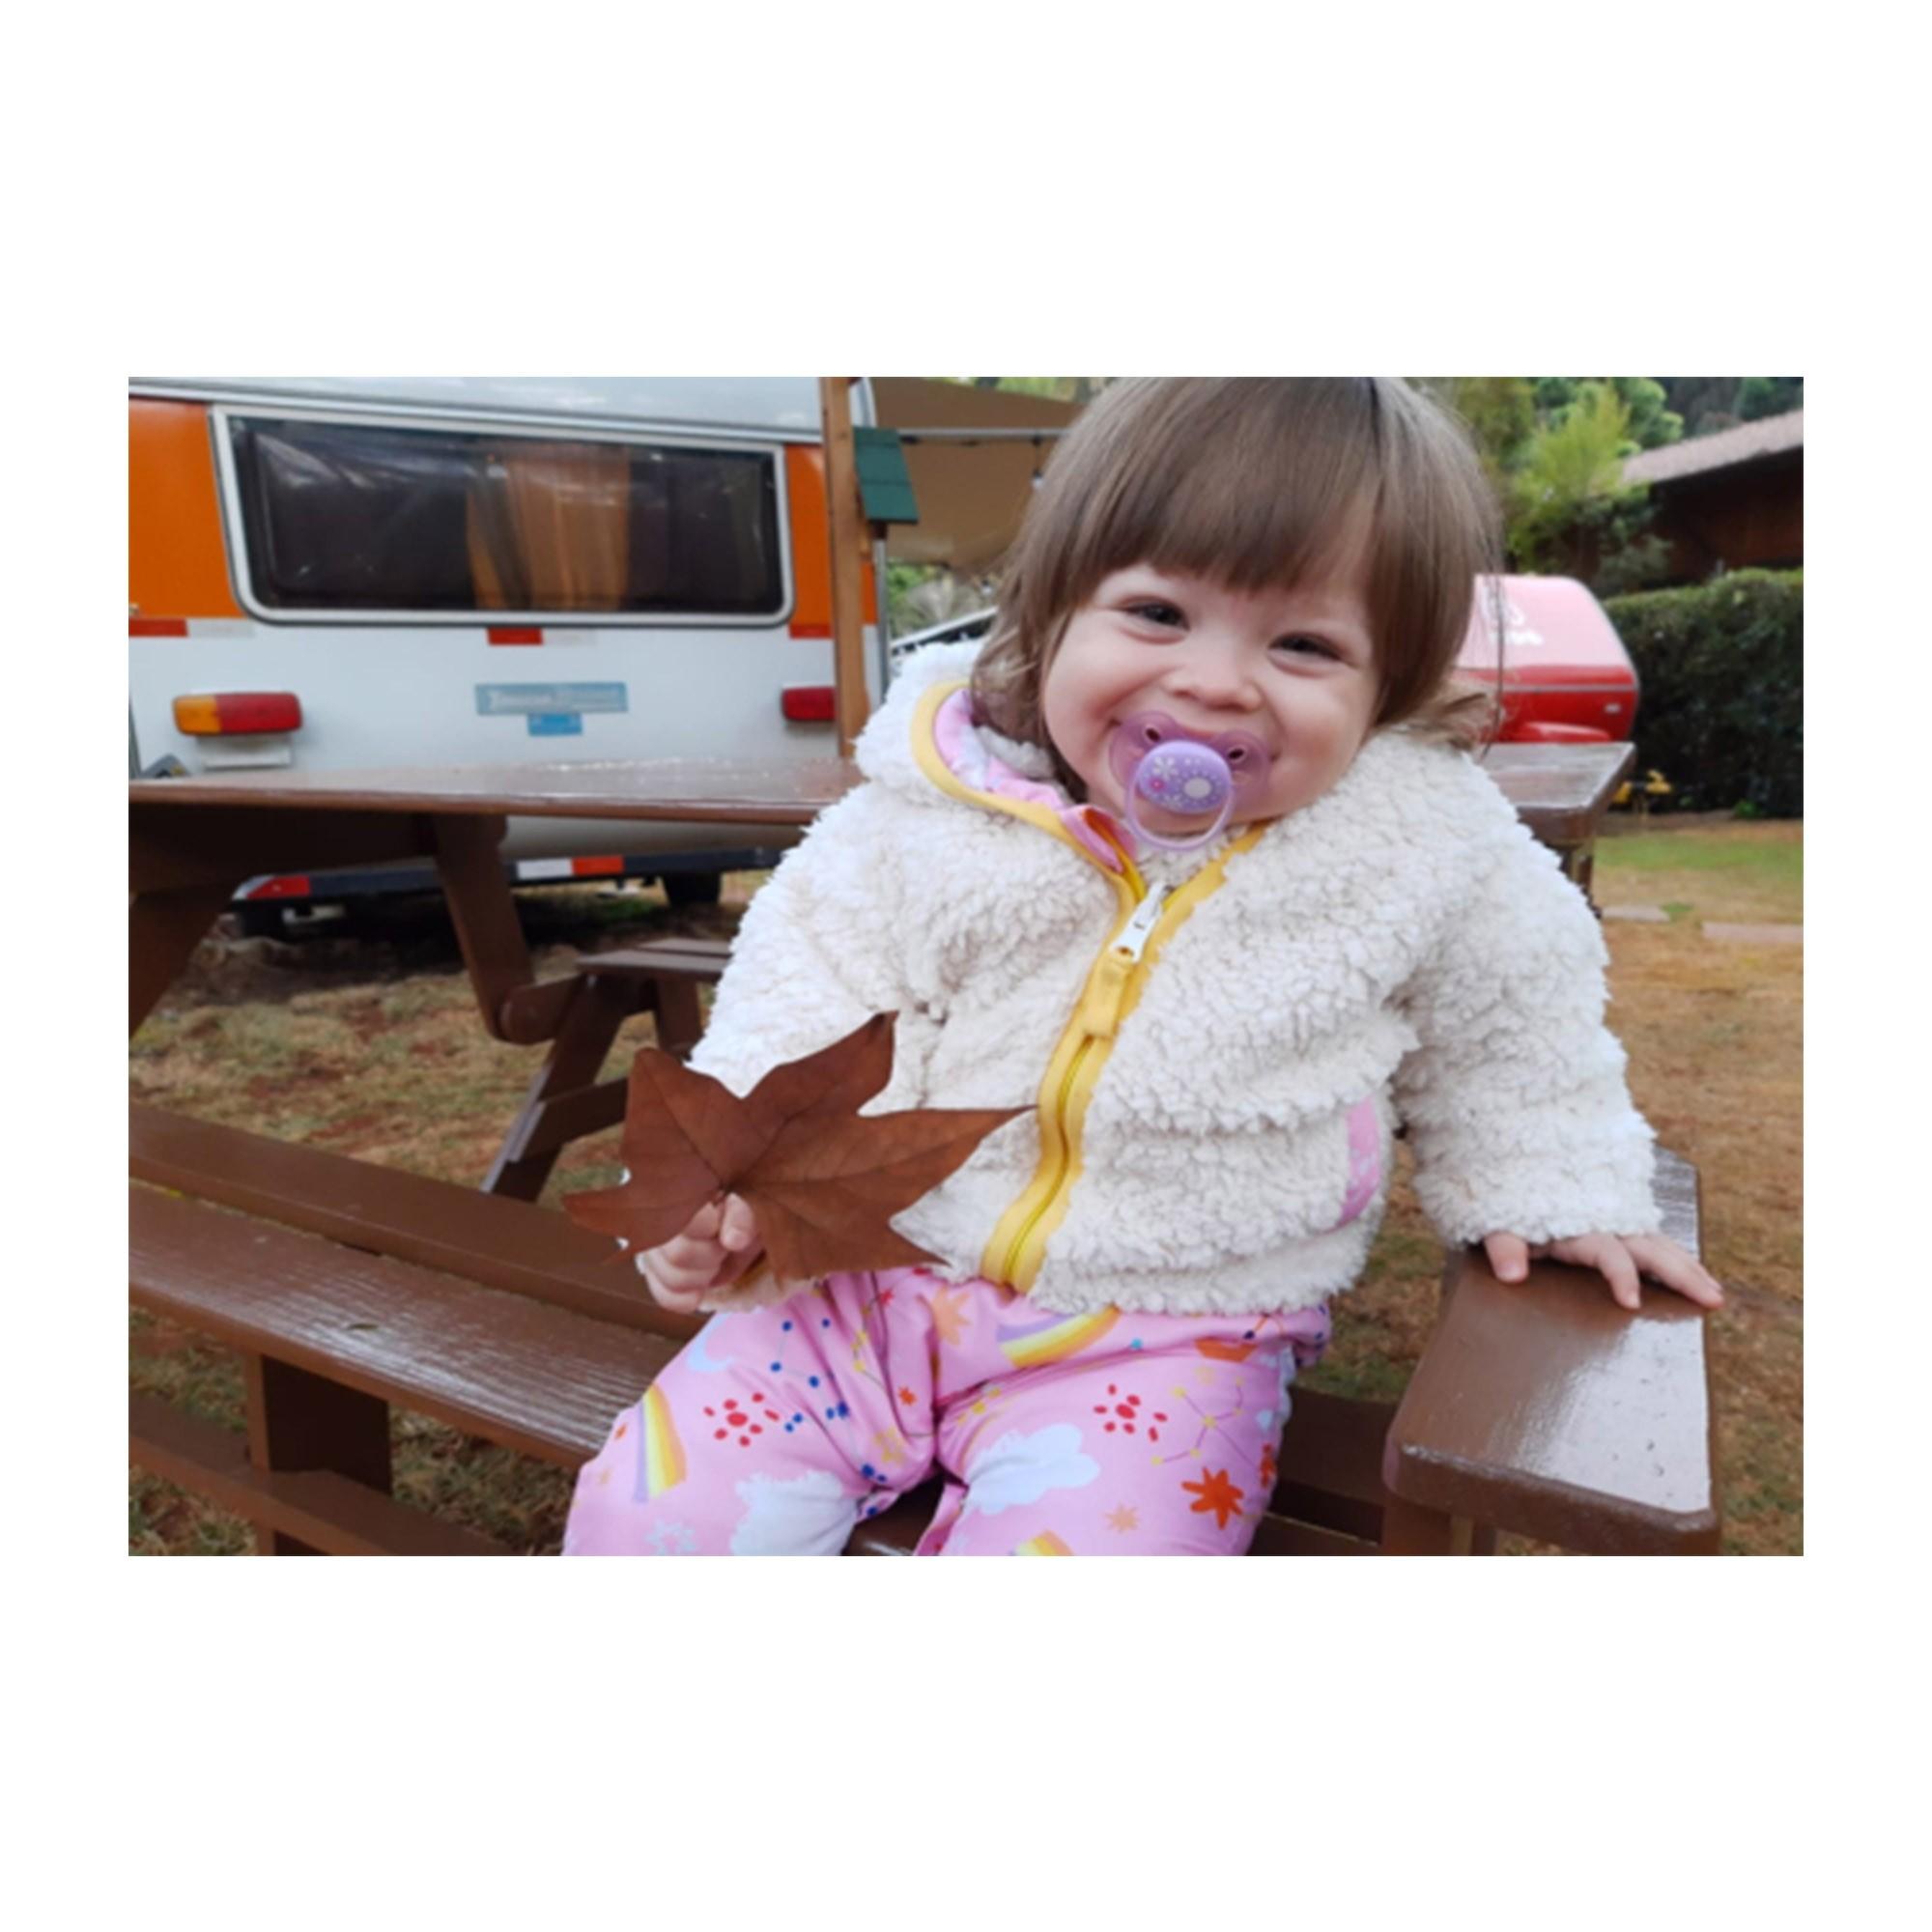 CONJUNTO INTERESTELAR BABY: MACACÃO REGATA COM REGULAGEM + JAQUETA REVERSÍVEL